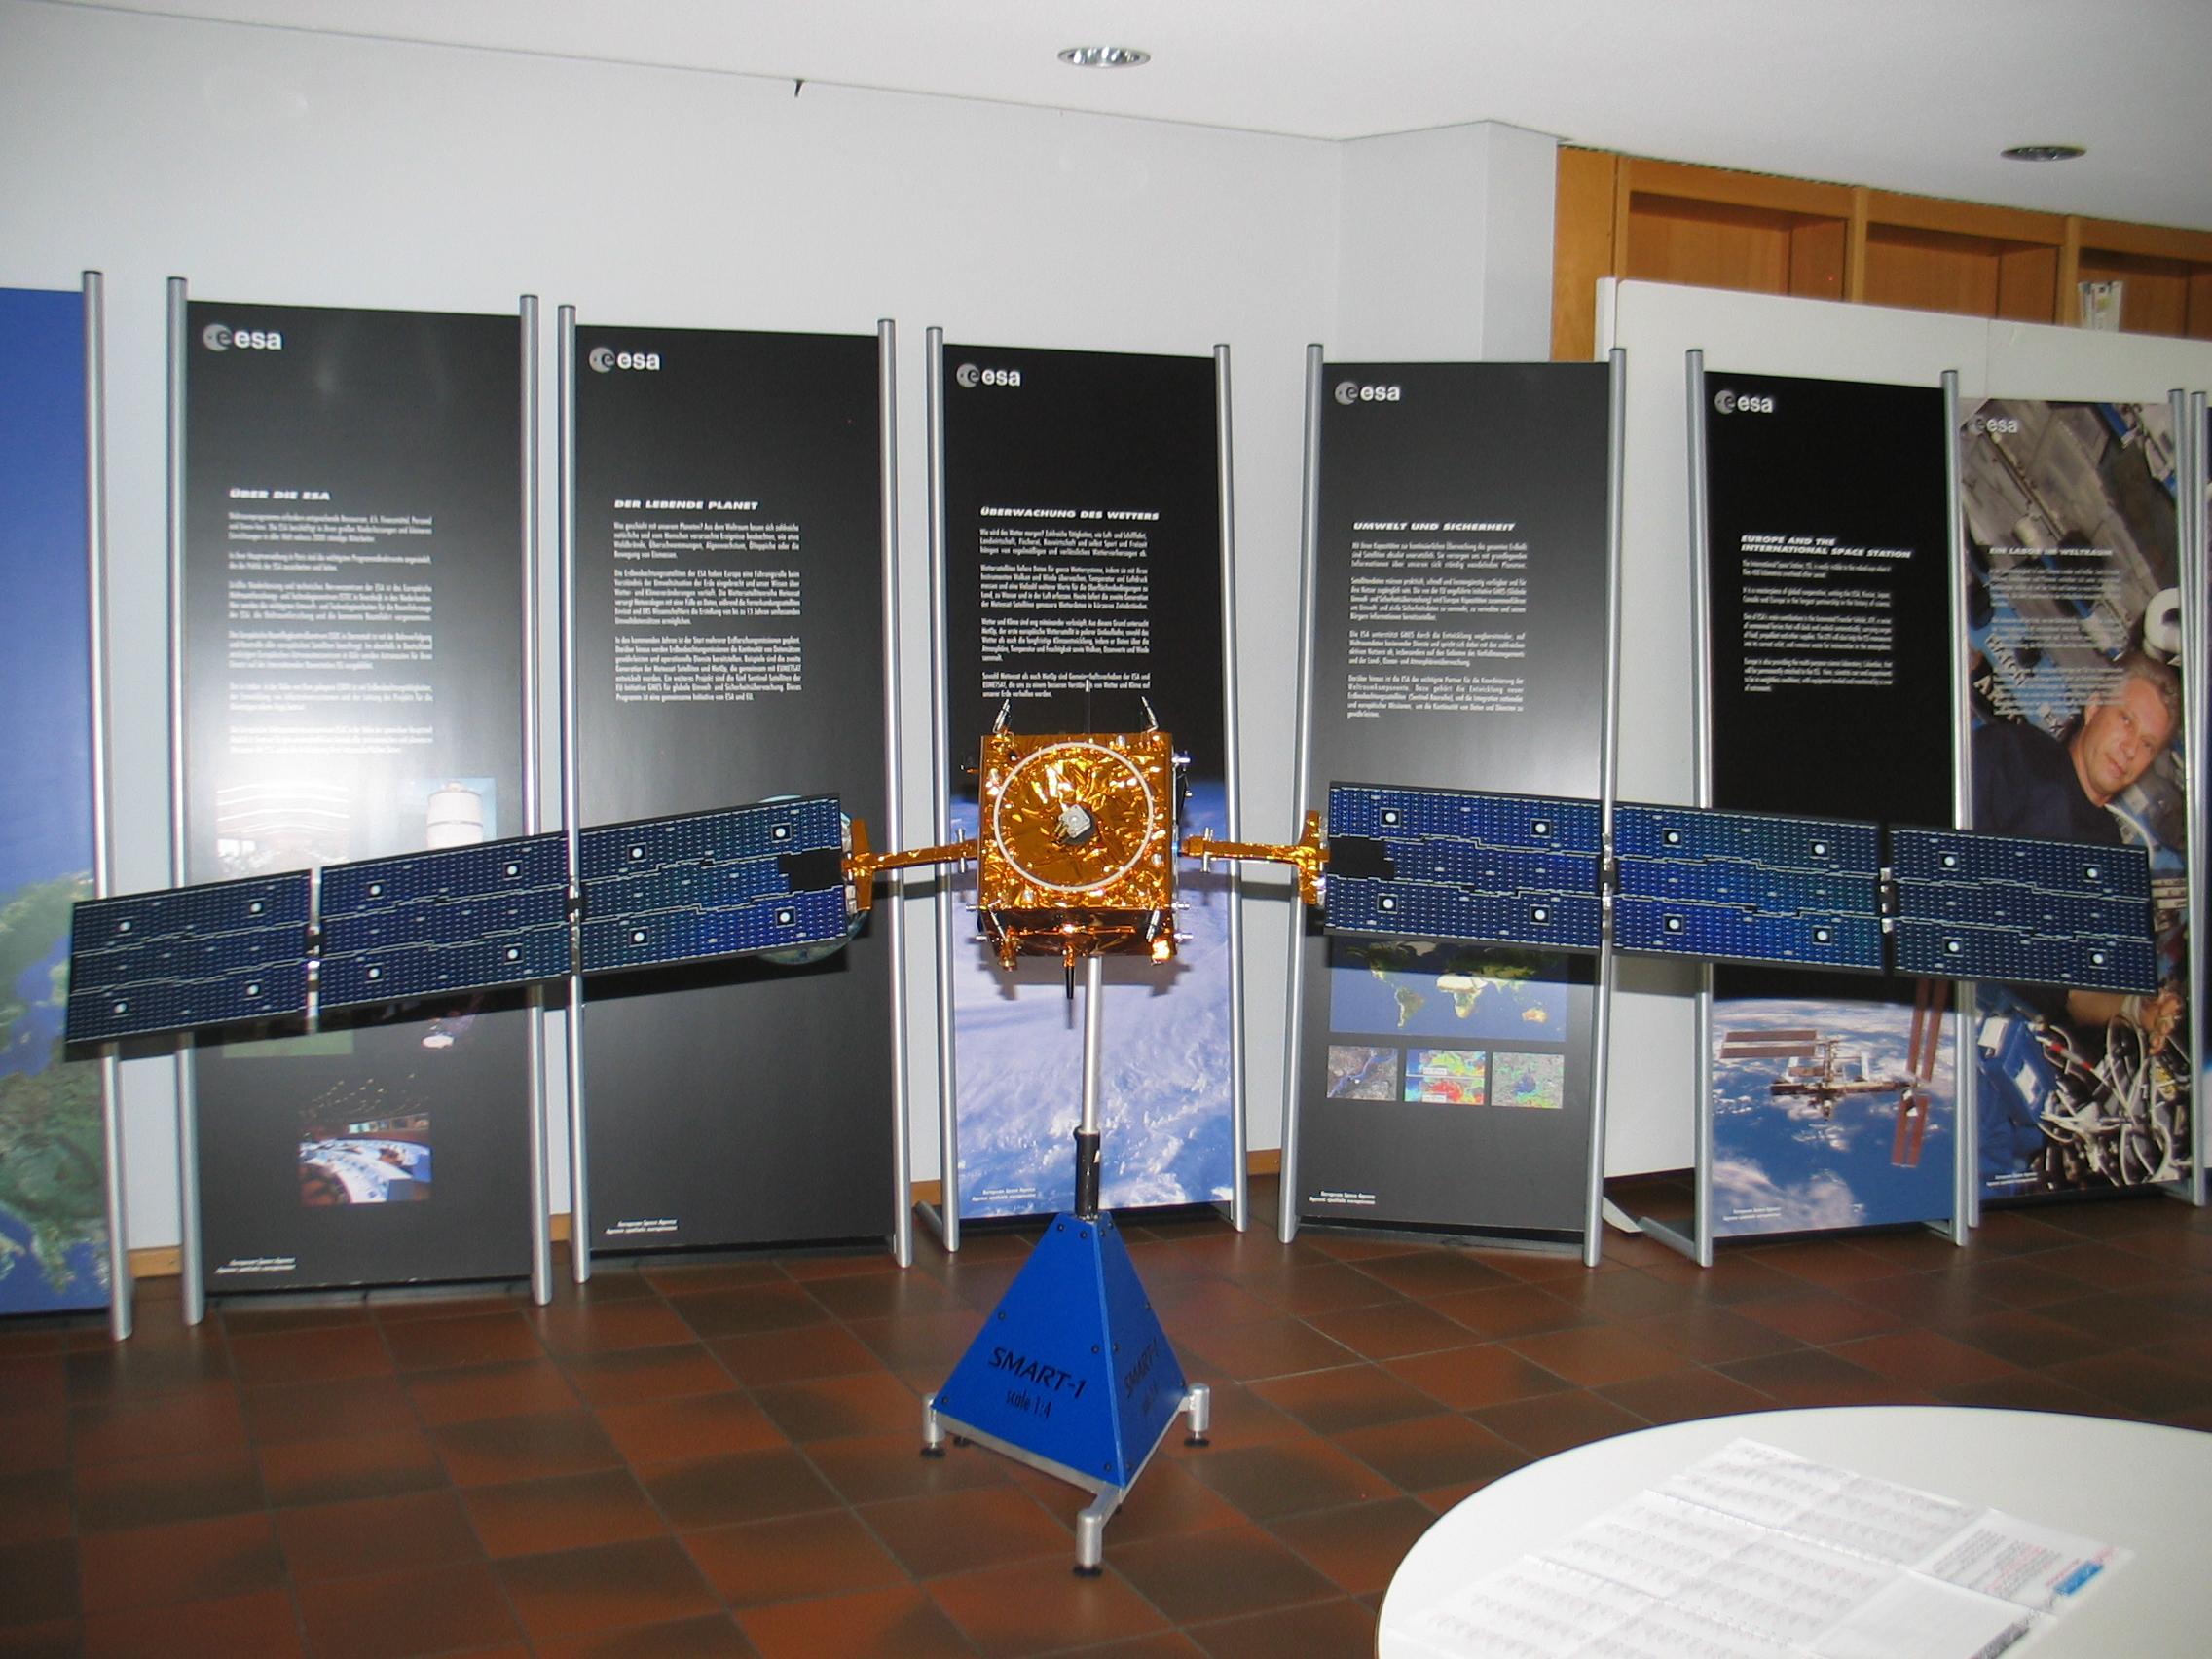 Astronomietag 2008, Raumfahrtaustellung in der VHS Bad Homburg.